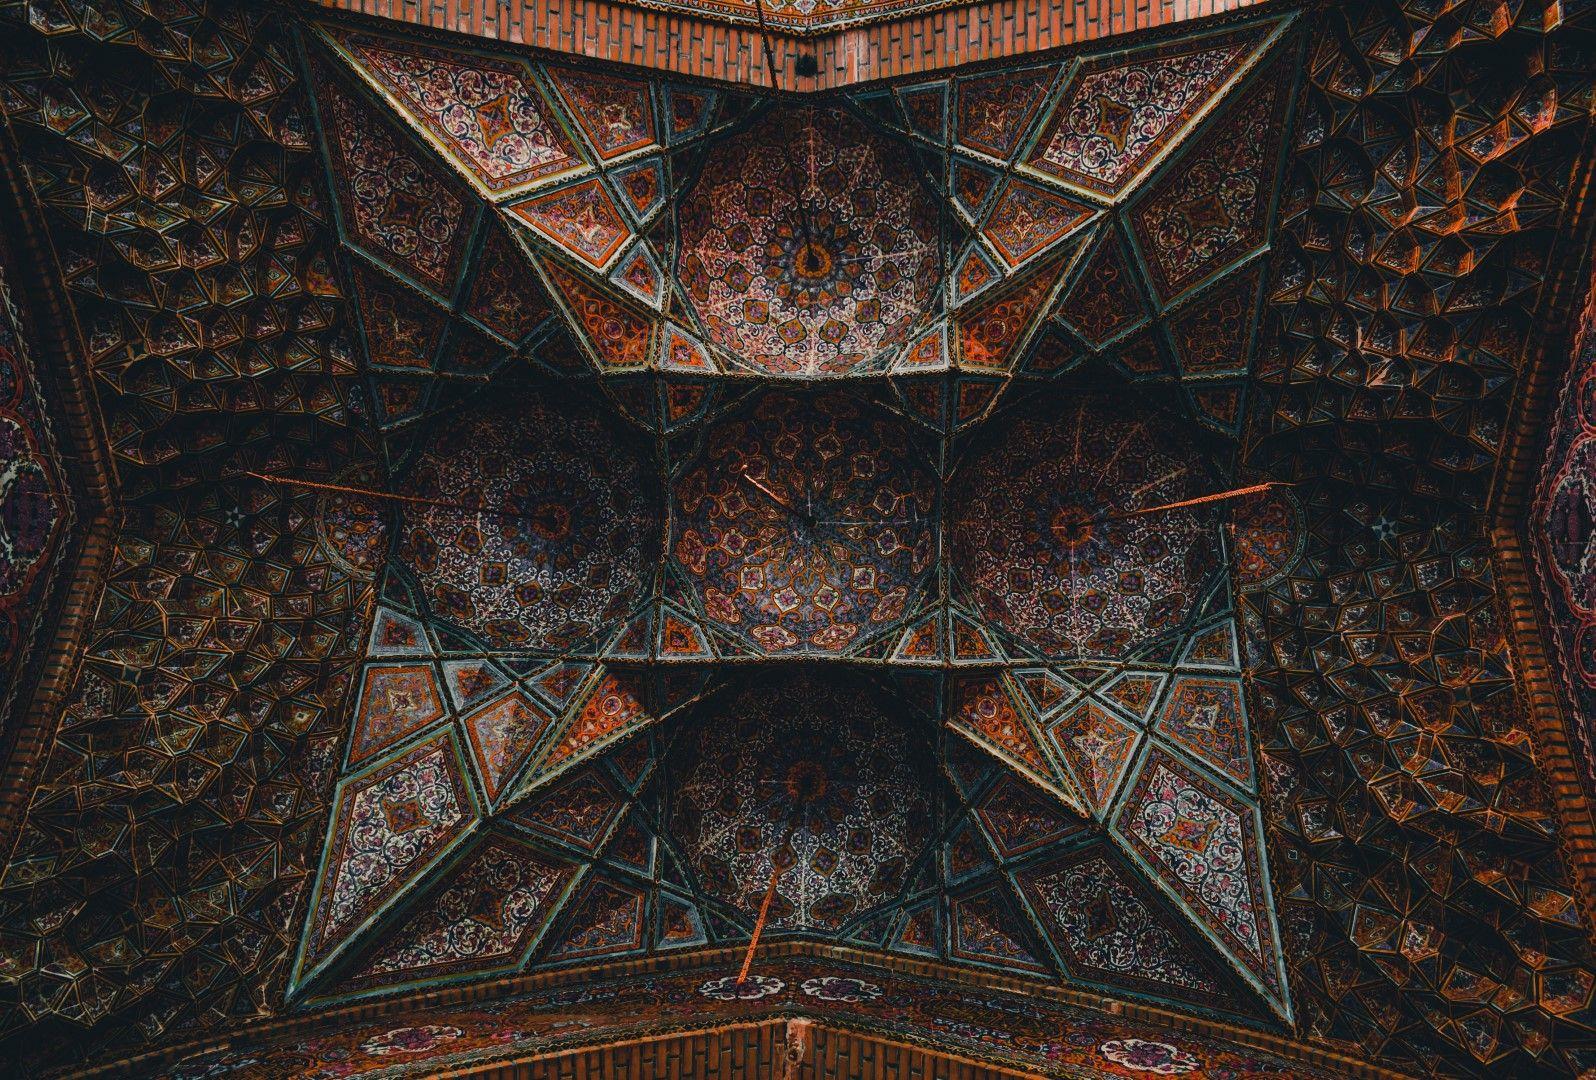 Орнаменти по тавана на стара сграда в Исфахан